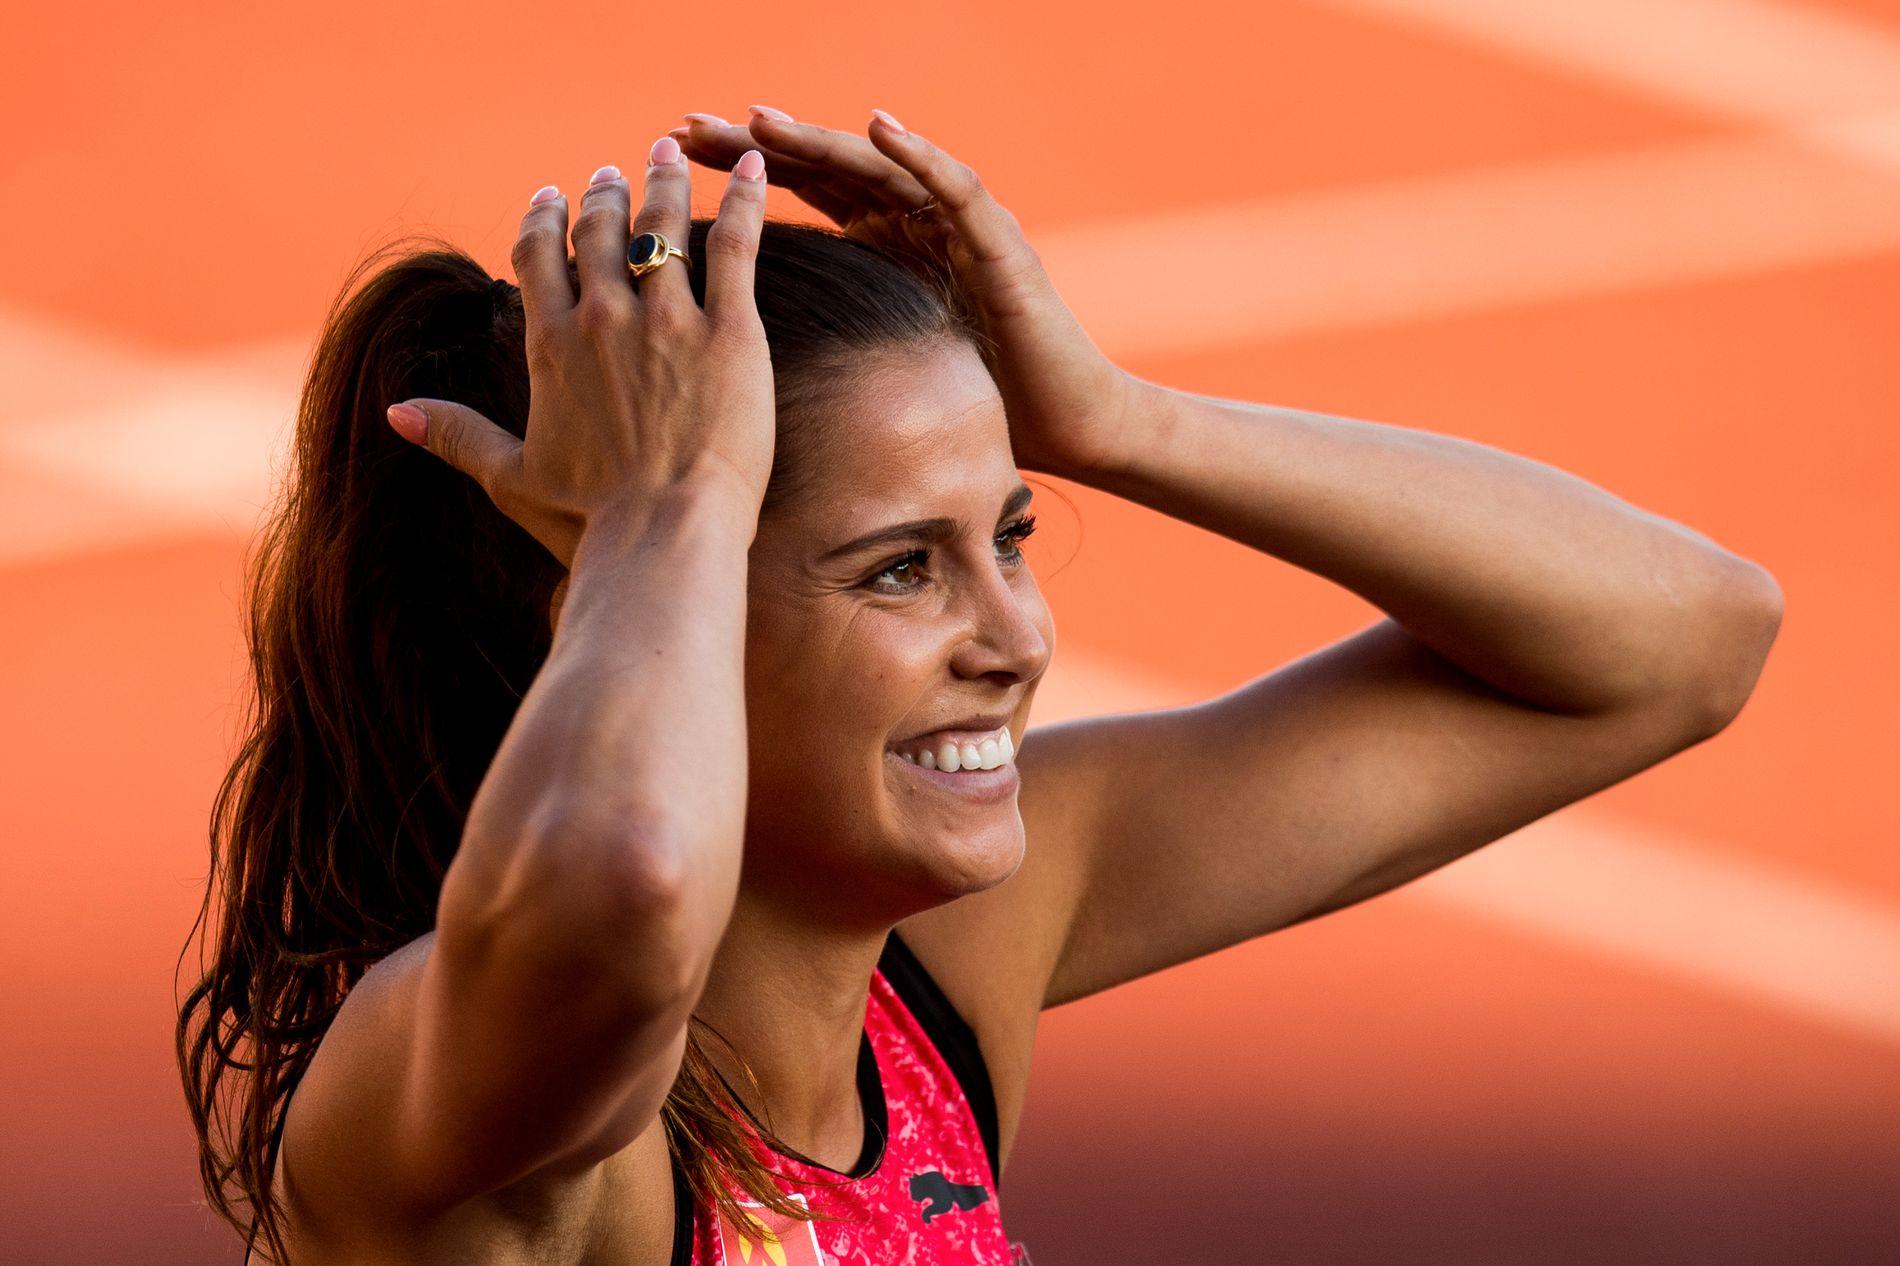 Amalie Iuel løp 400 meter hekk på 55,26 sekunder på Bislett Games i fjor. Det var personlig rekord.